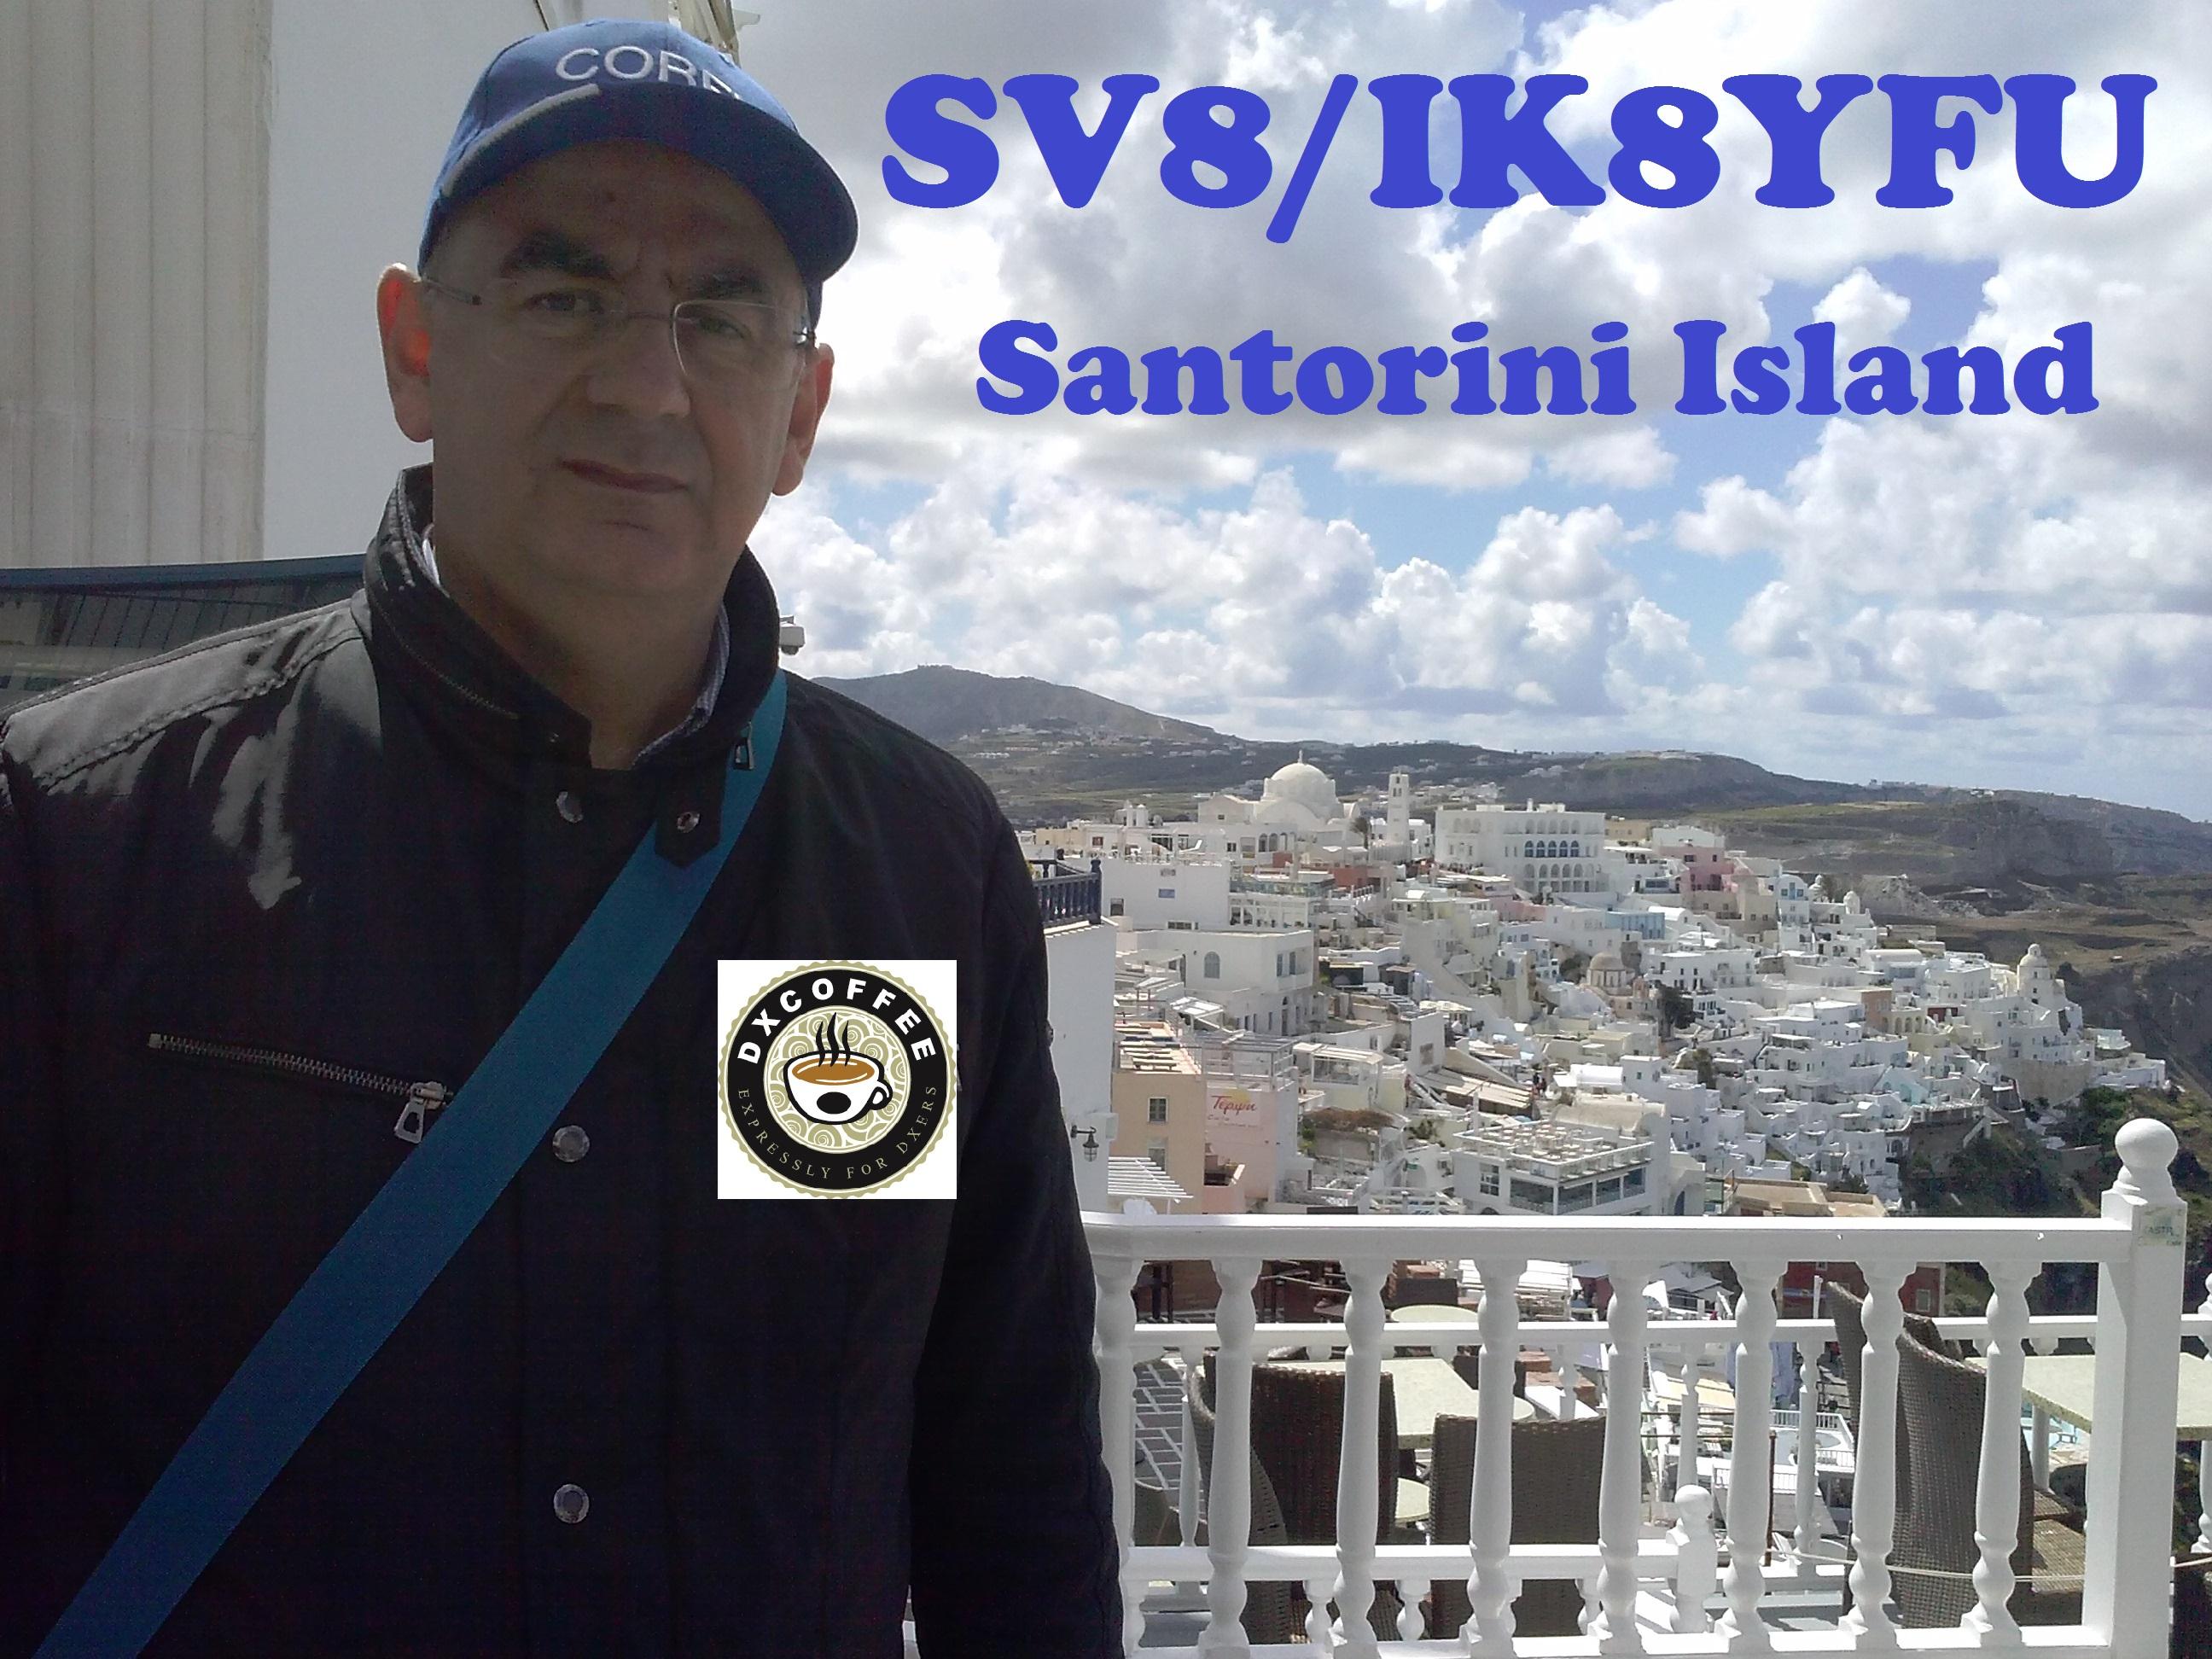 SV8/IK8YFU Santorini Island